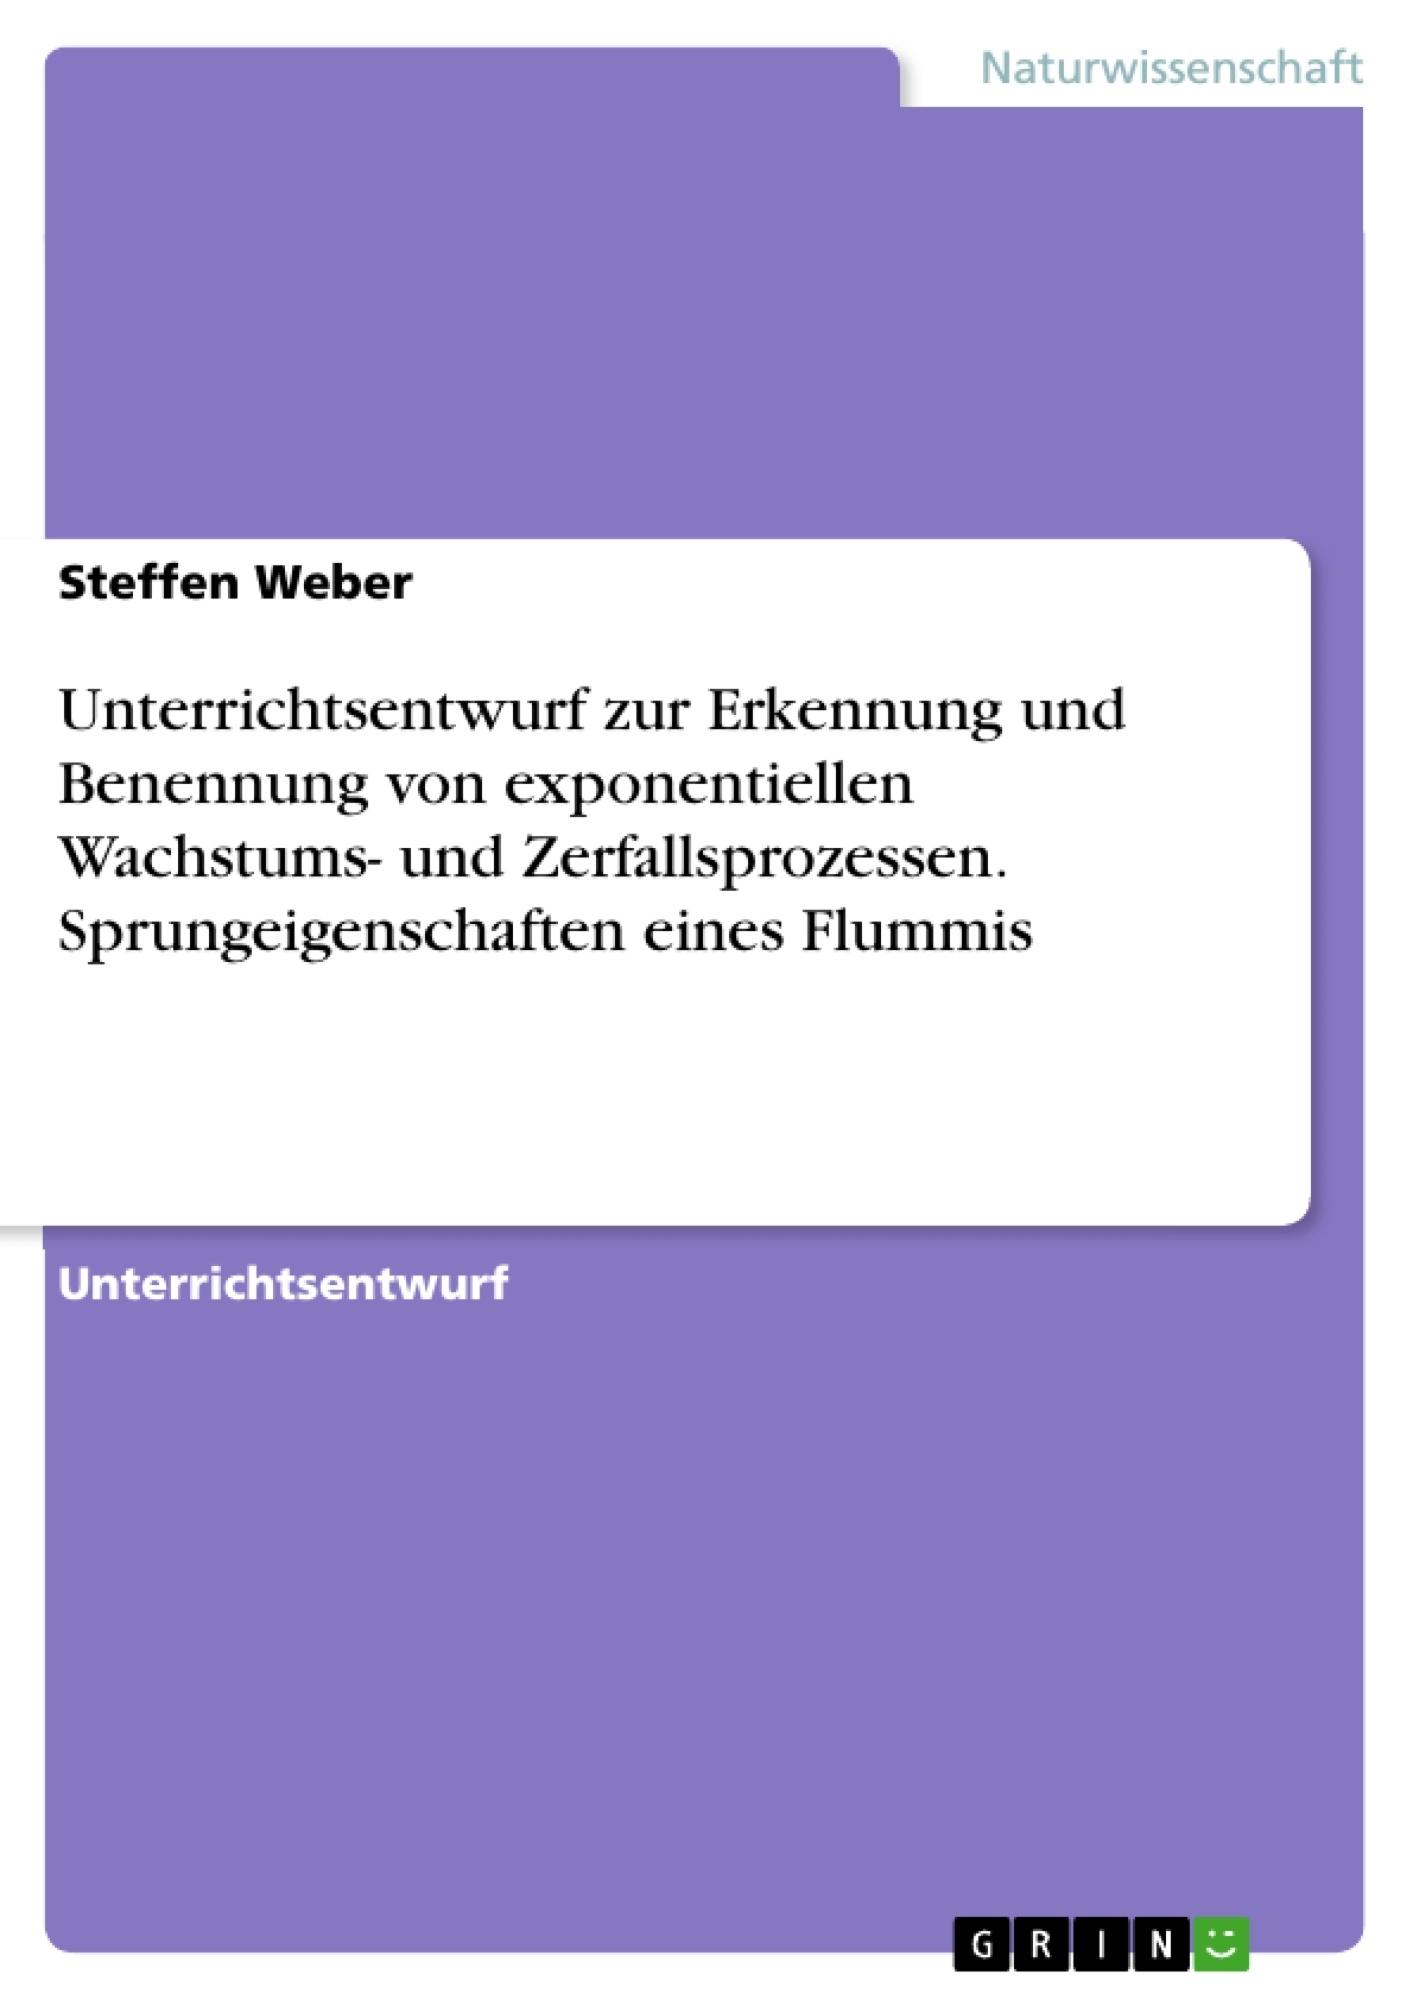 Fancy Exponentielles Wachstum Und Zerfall Arbeitsblatt Pdf Images ...